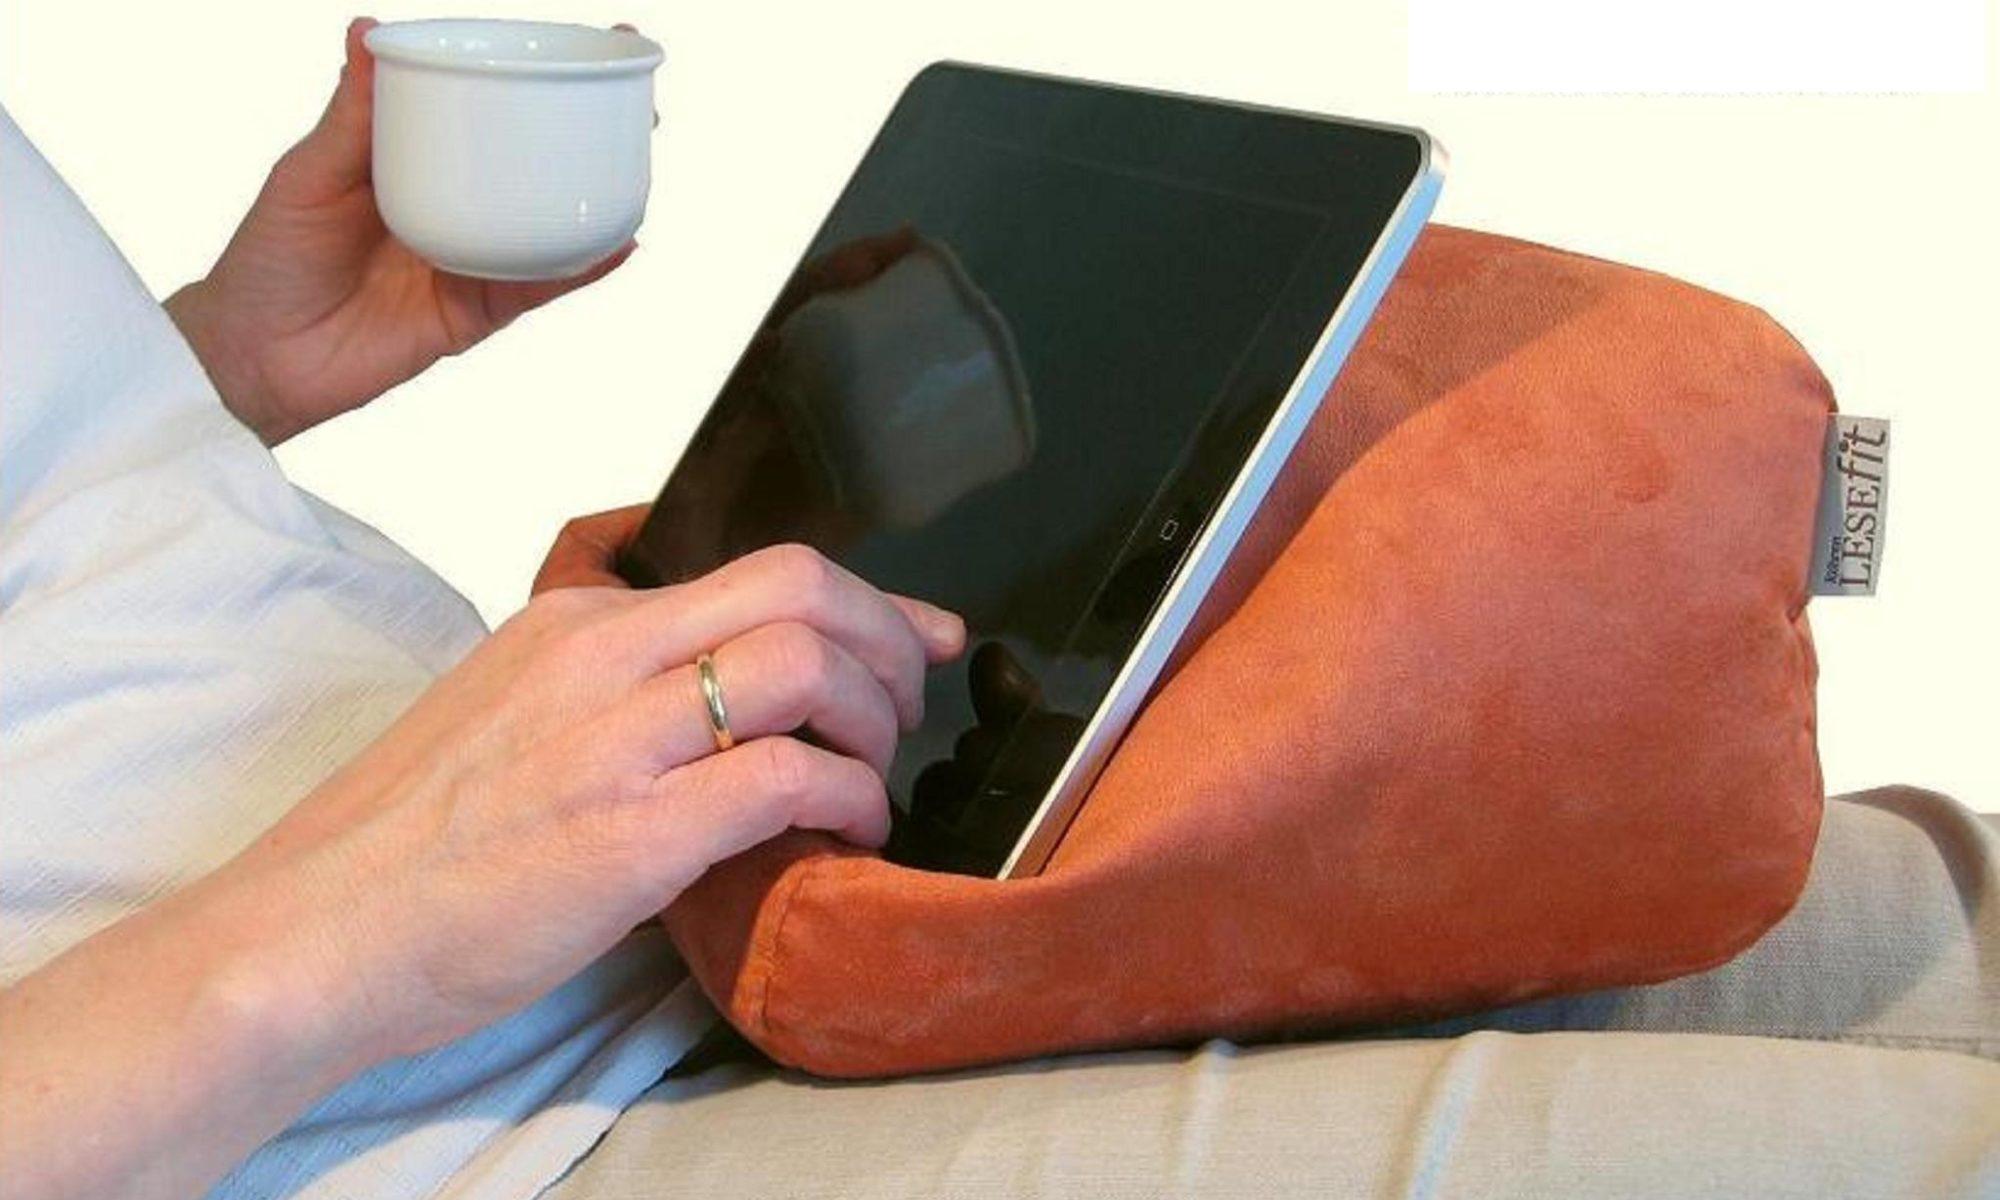 Lesekissen und Tablet Kissen auf dem Sofa